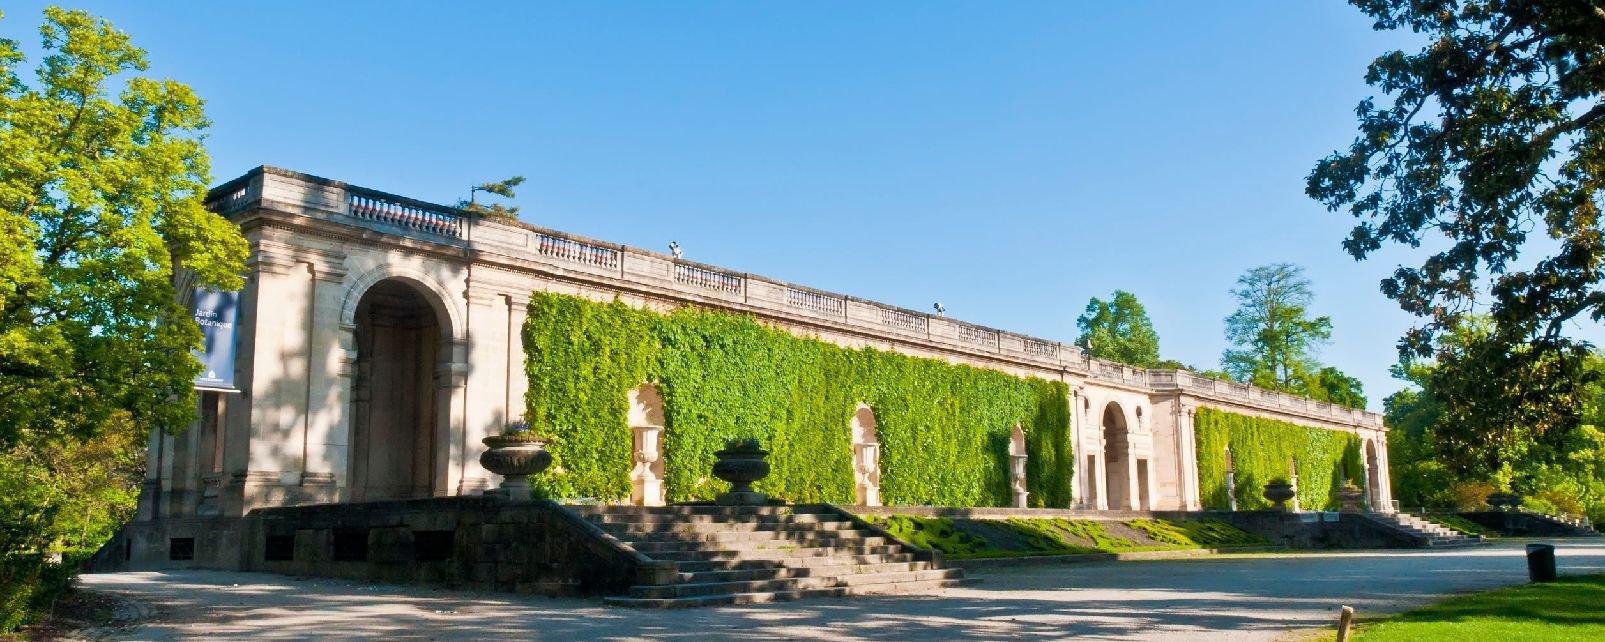 Le jardin botanique aquitaine france for Le jardin botanique camping